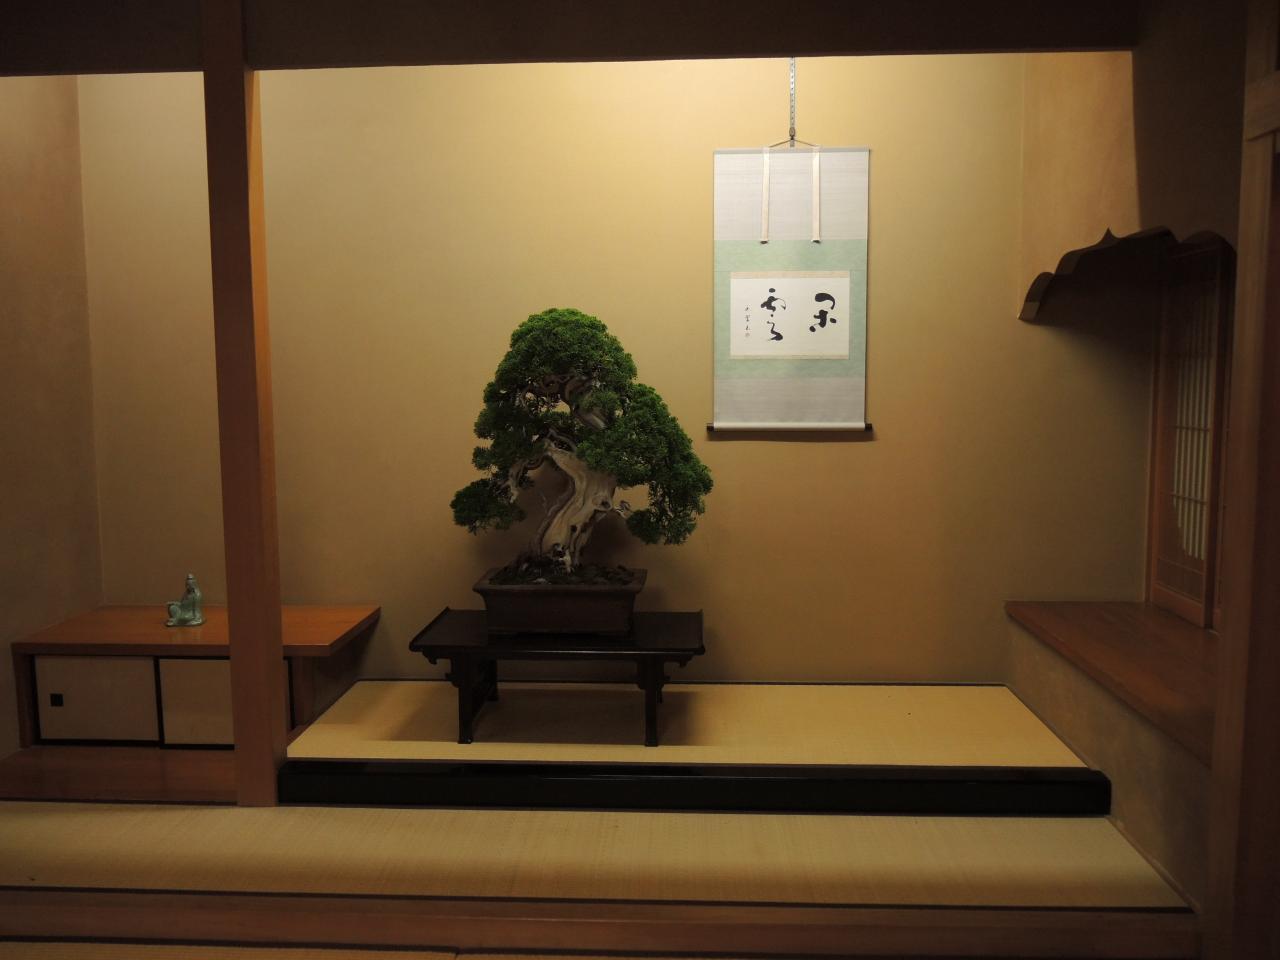 Katsura Leaf Bonsai